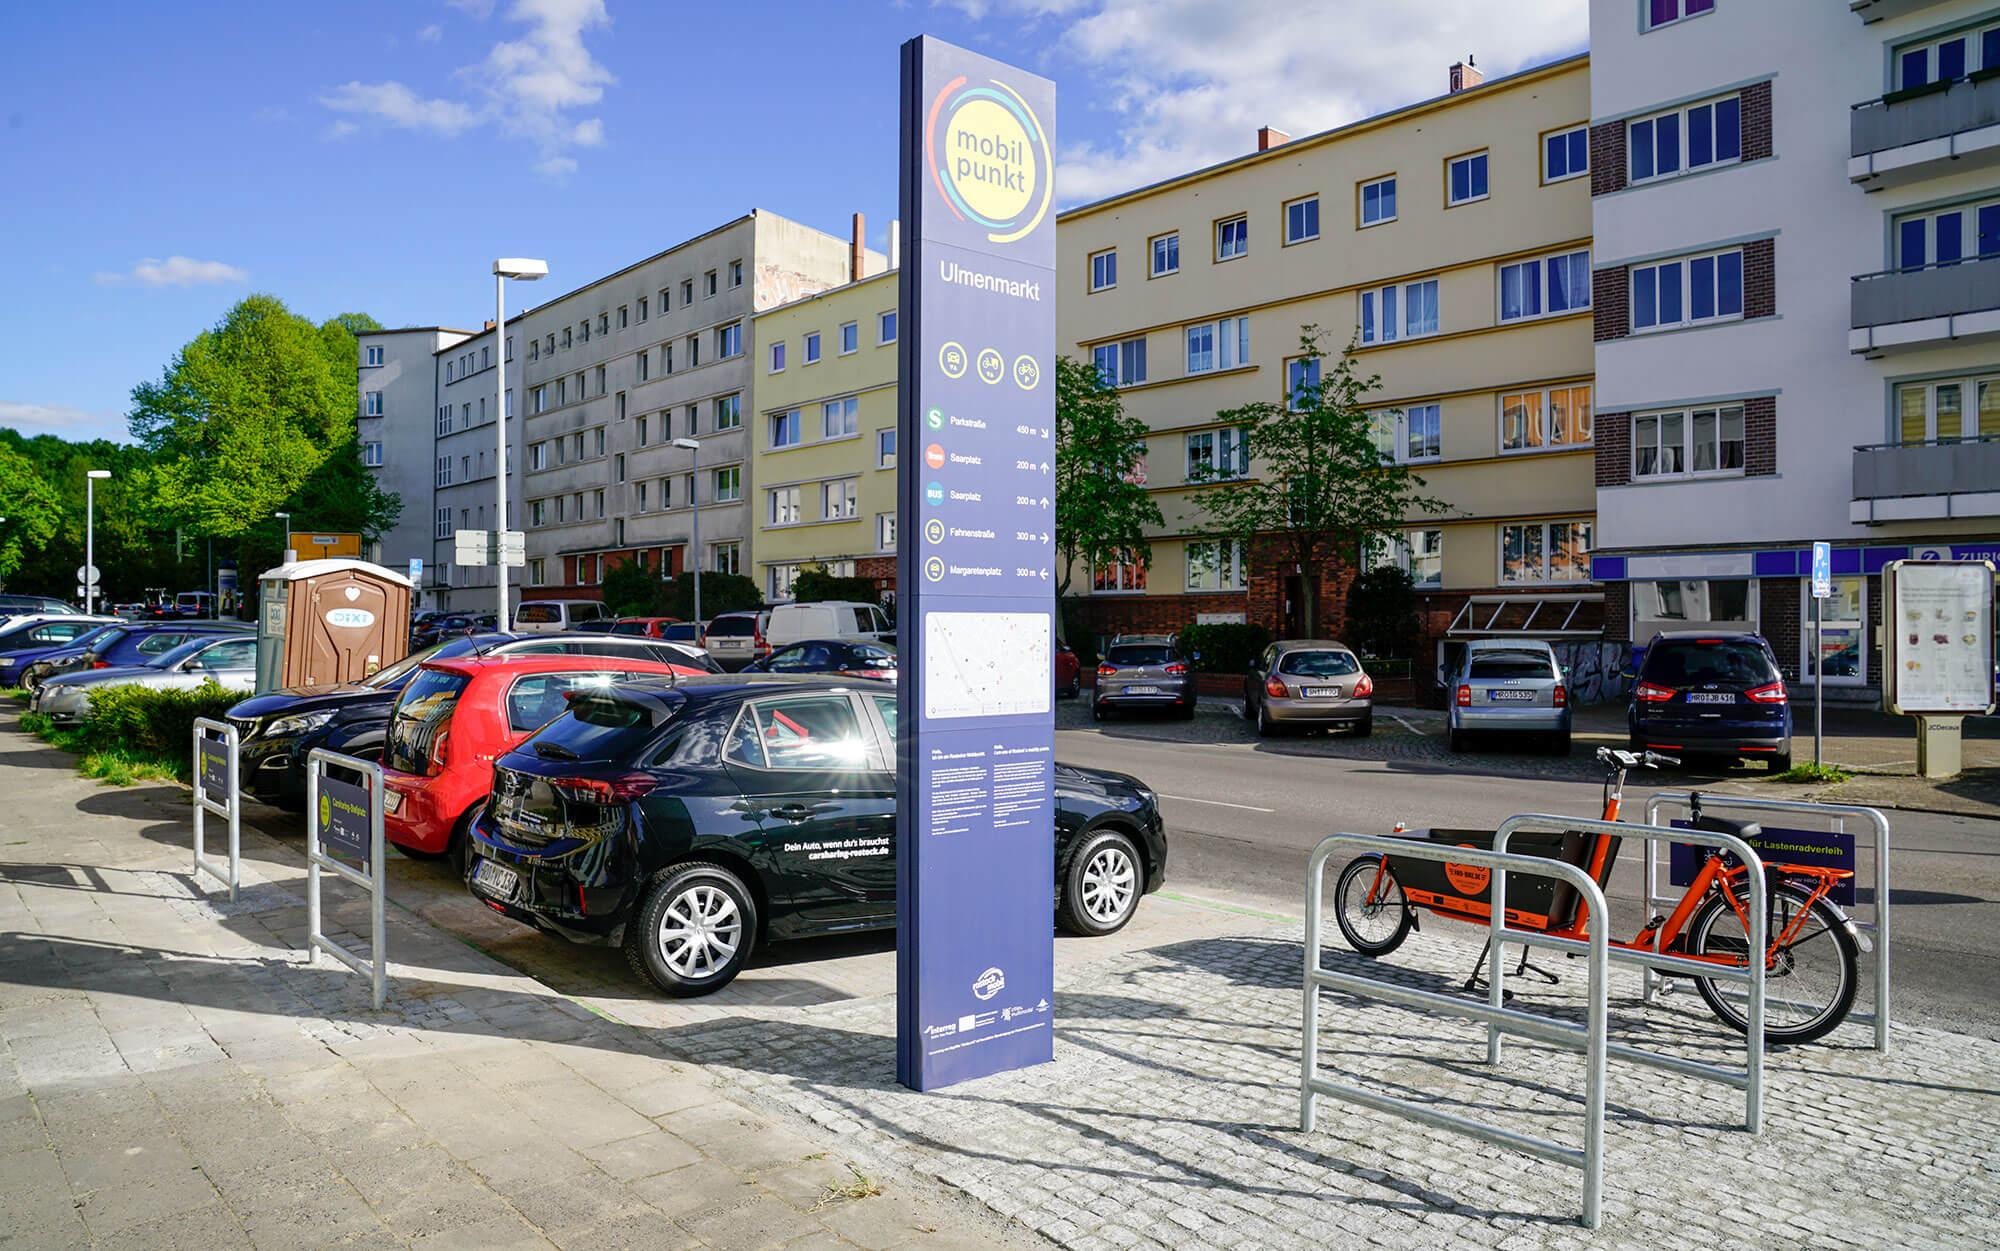 Mobilpunkt am Ulmenmarkt